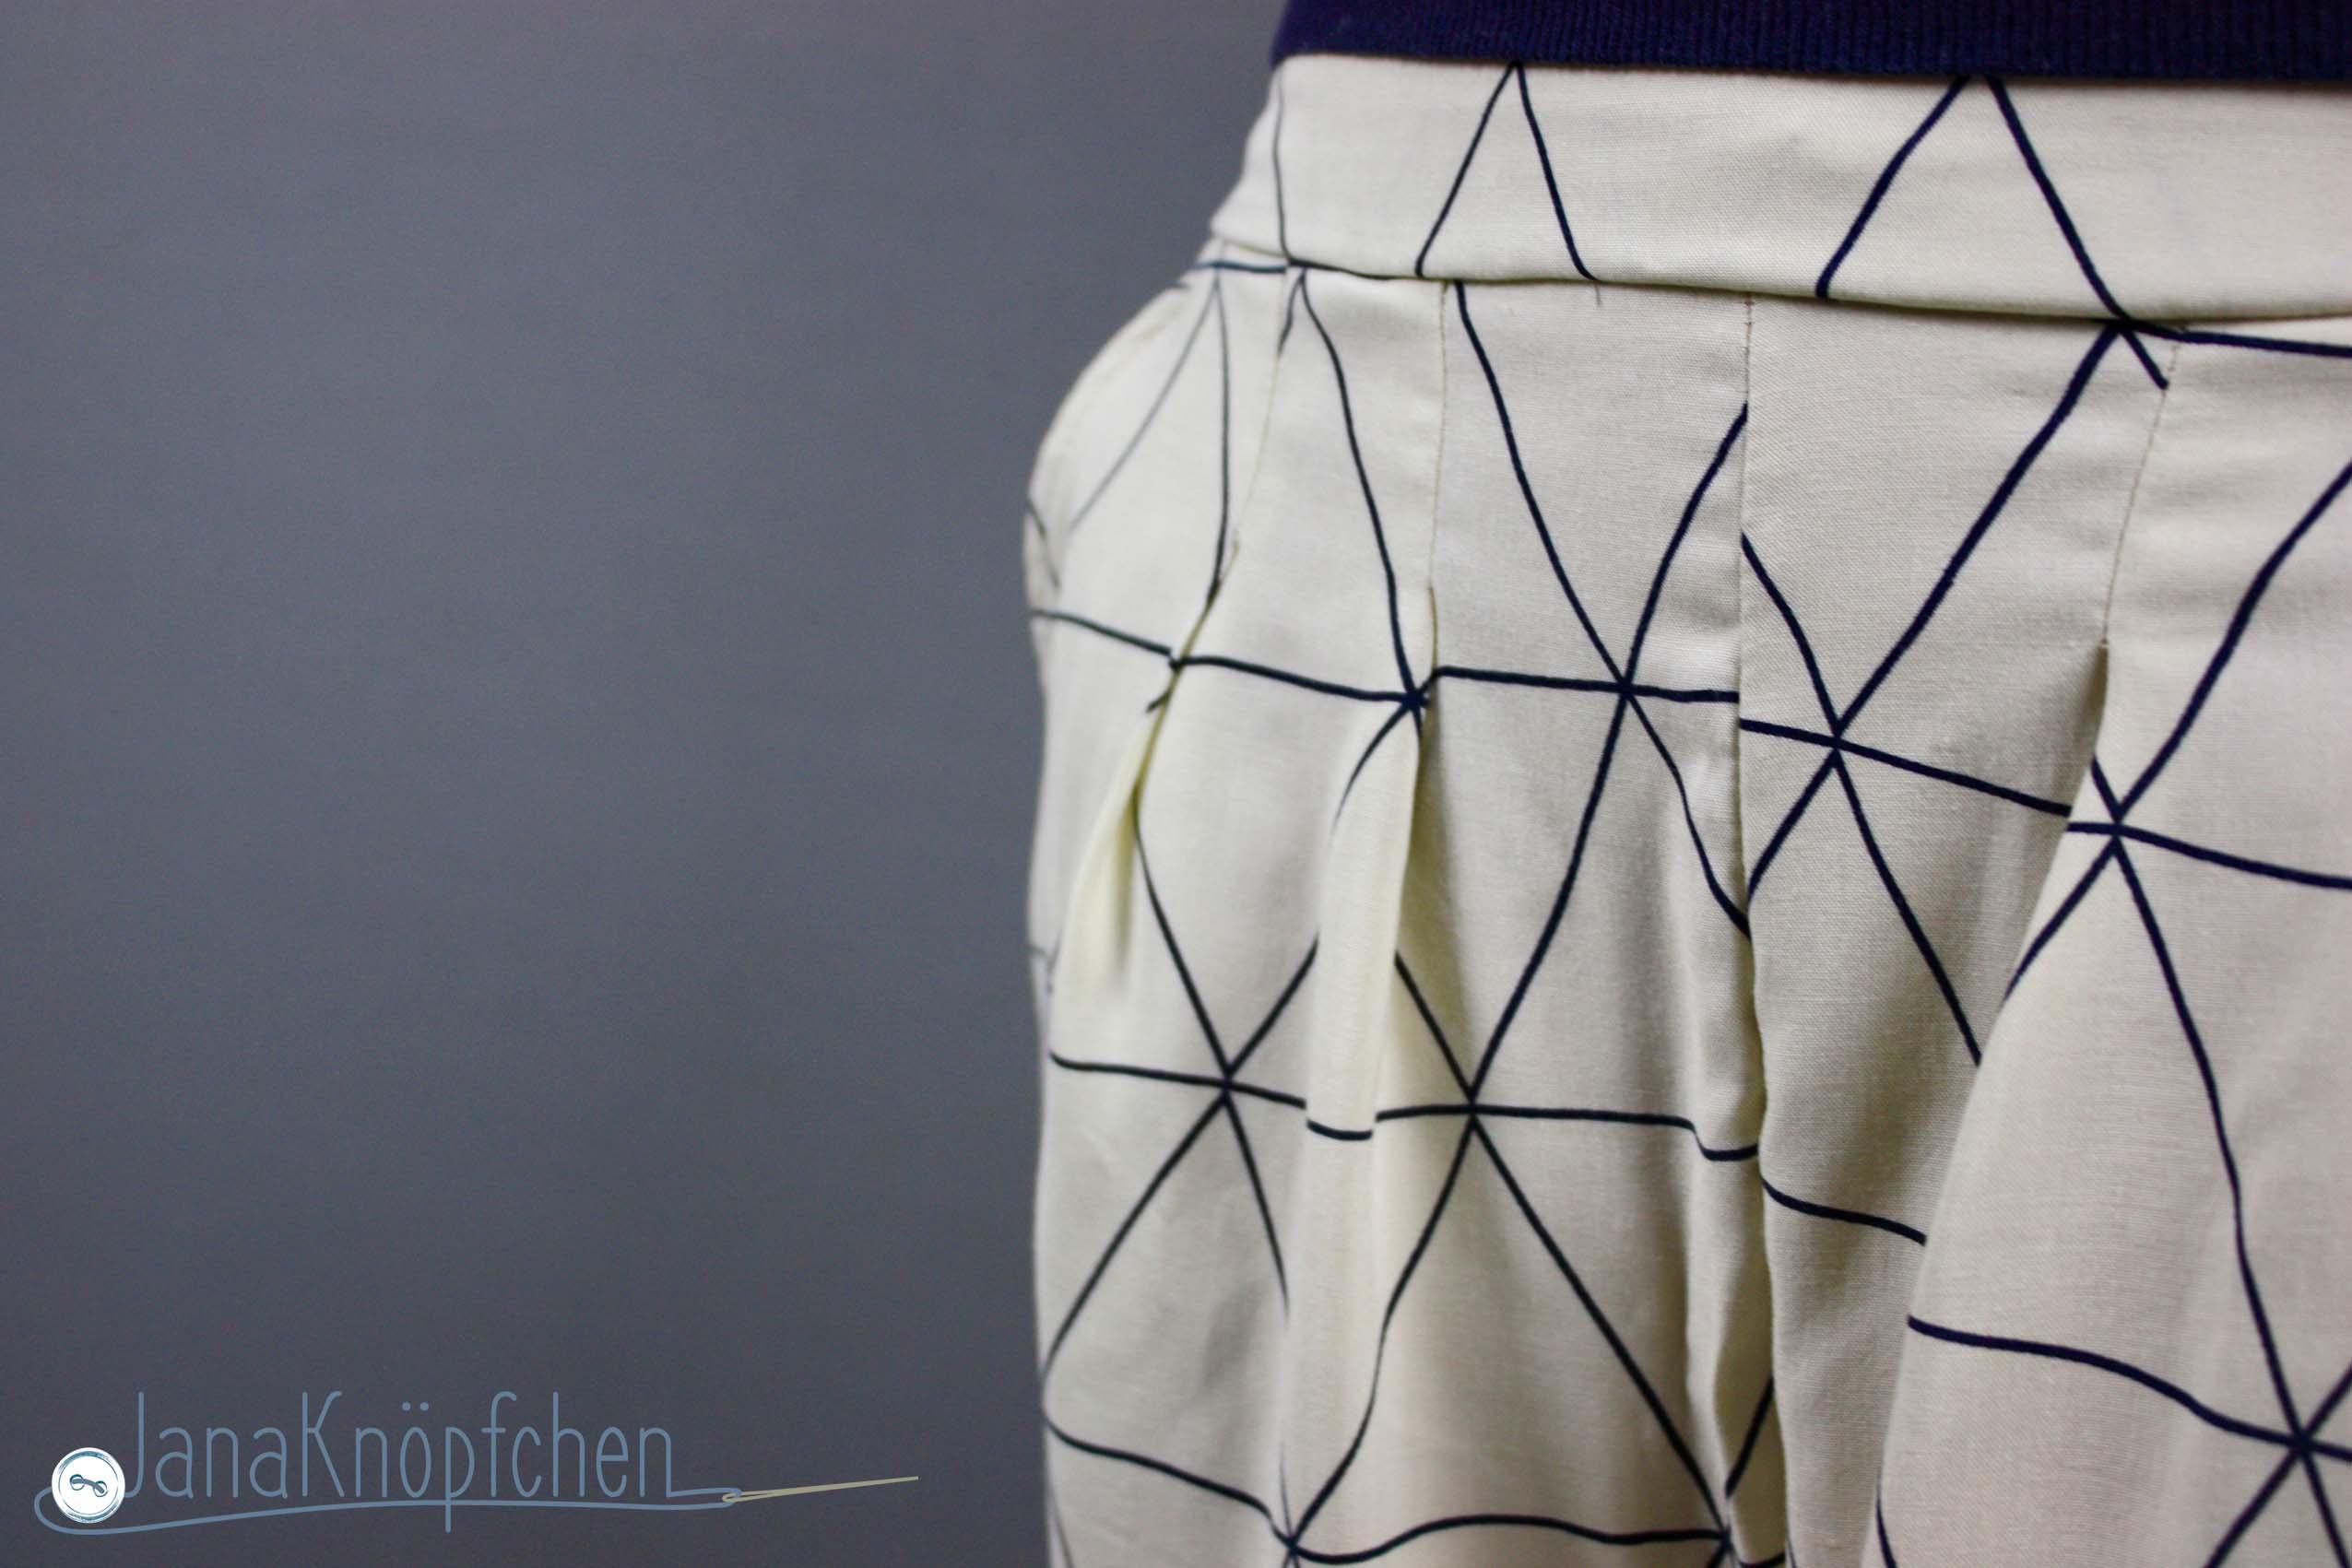 Bundfaltenhose für Frauen selber nähen. Sommerliche Hose Jenna für mich und gleichzeitig mein Beitrag für 12 Colors of Handmade Fashion von Tweet and Greet. JanaKnöpfchen - Nähblog